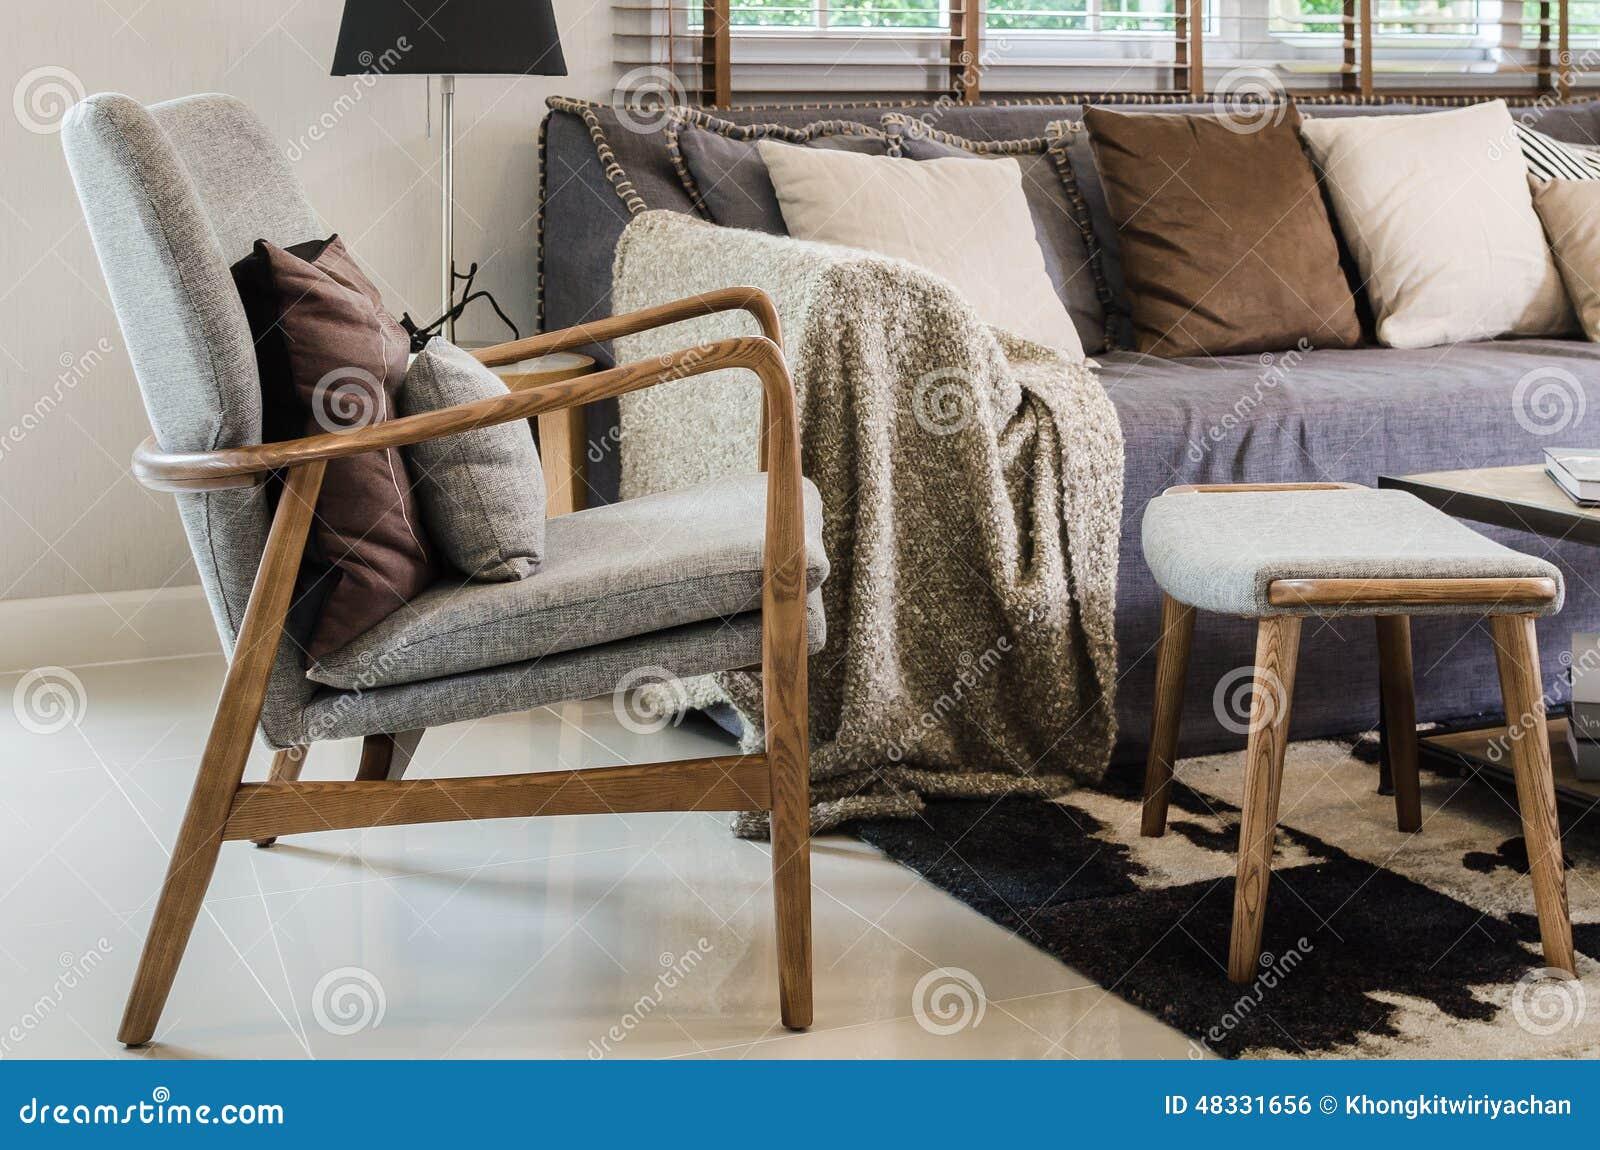 marktplaats stoelen riviera maison: tía pepa re styling, Deco ideeën